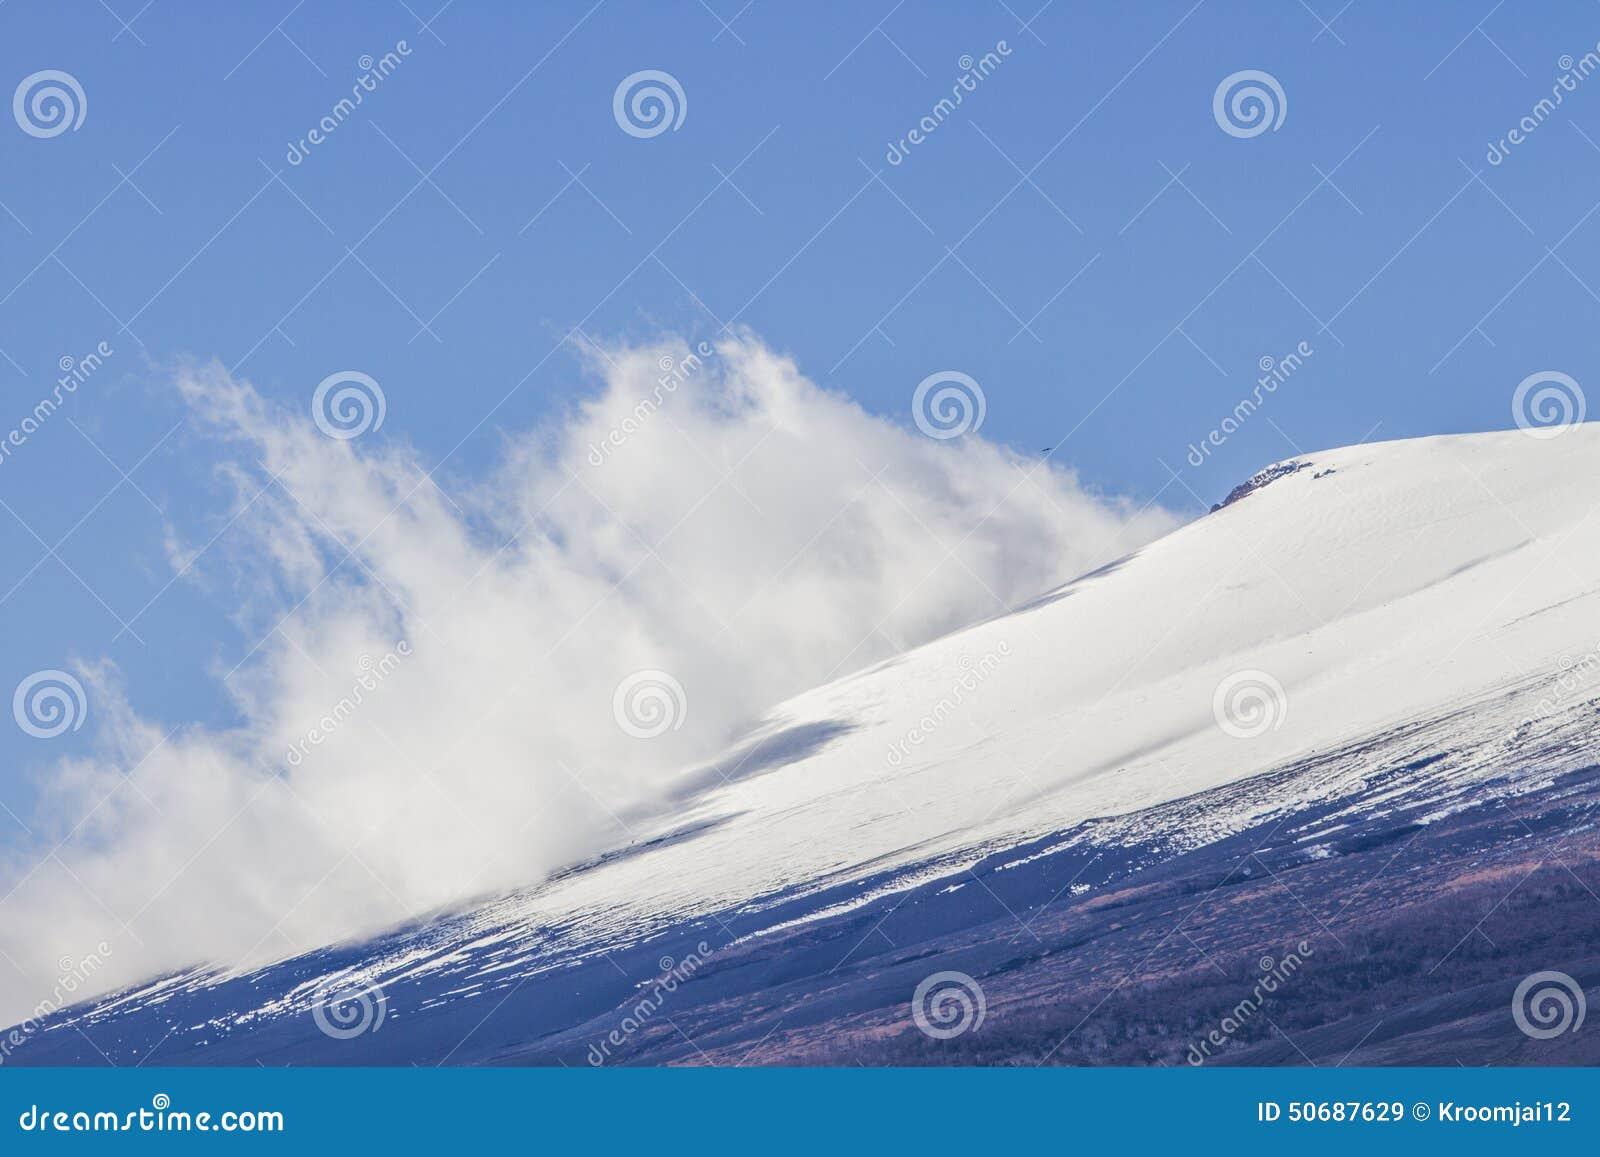 Download 关闭富士山在日本 库存图片. 图片 包括有 地标, 冬天, 关闭, 旅行, 蓝色, 空白, 背包, 岩石 - 50687629